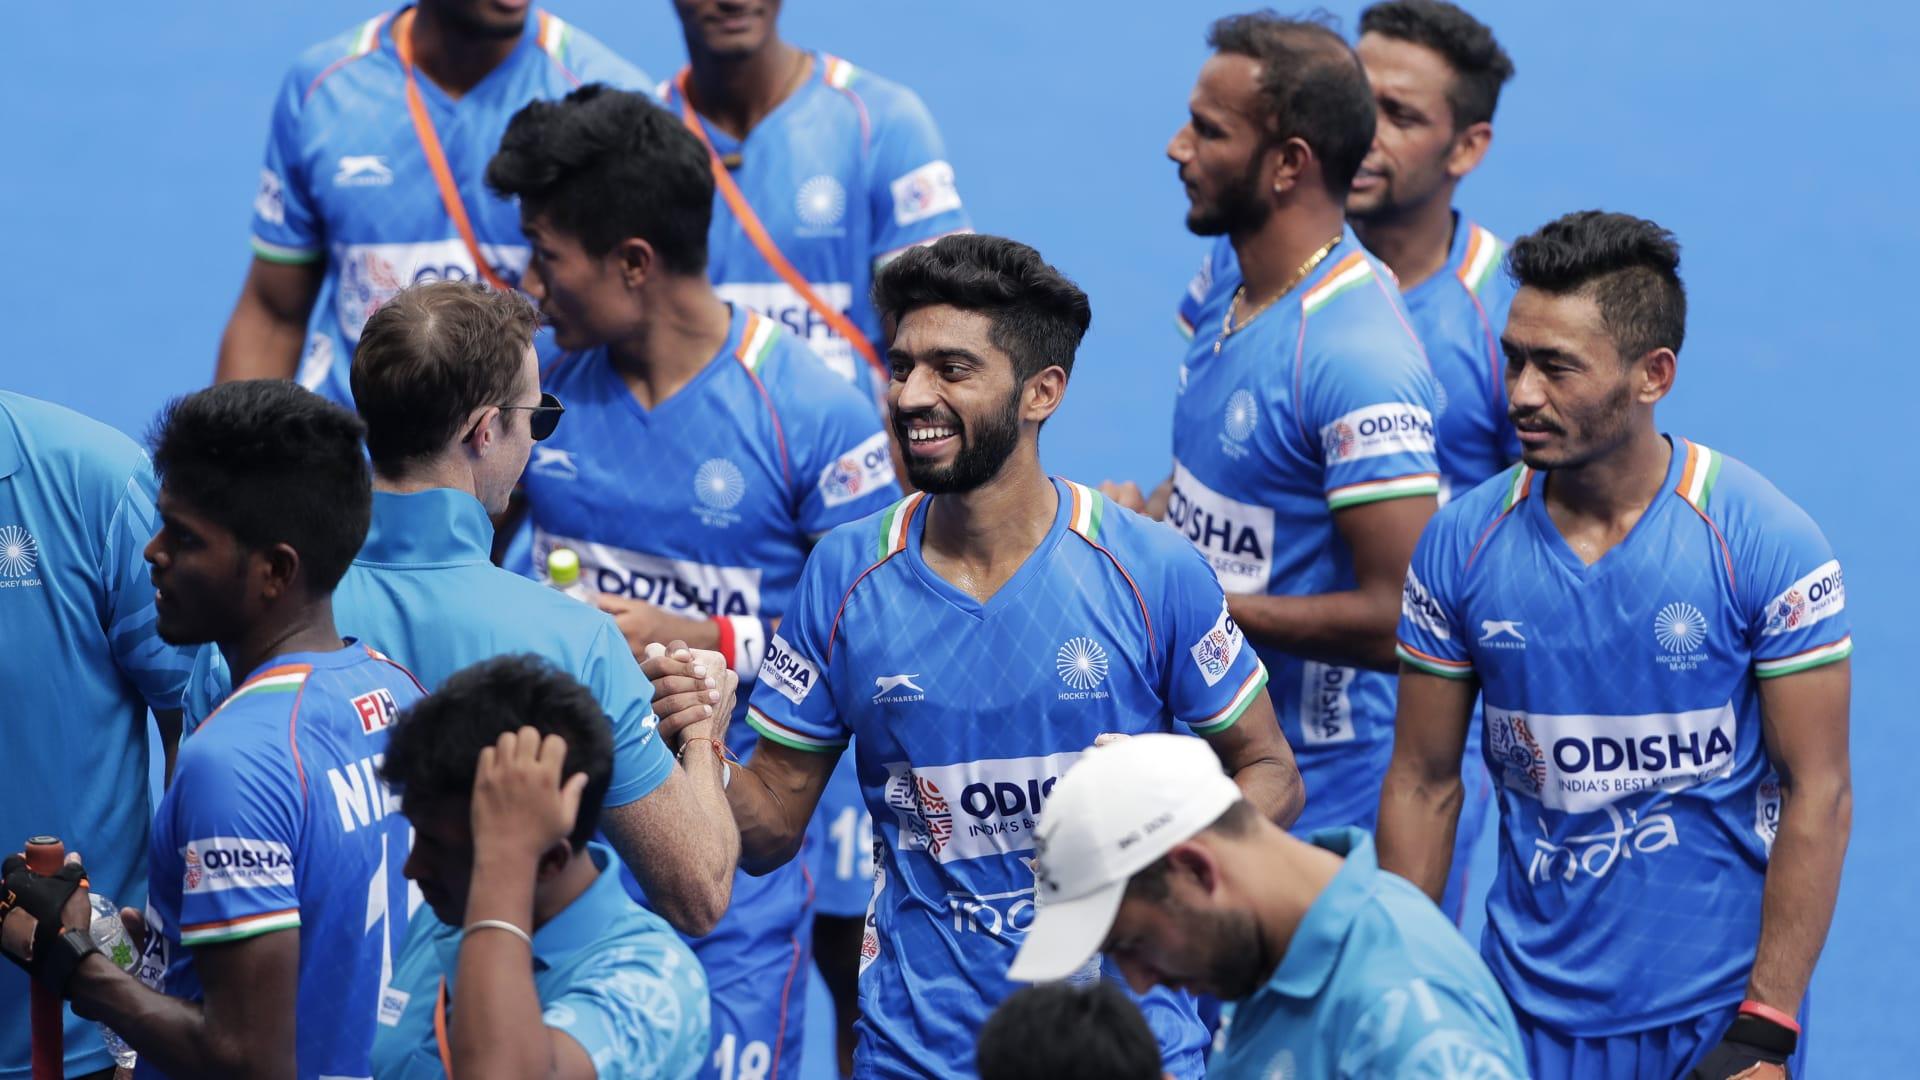 india hockey at olympics 2020